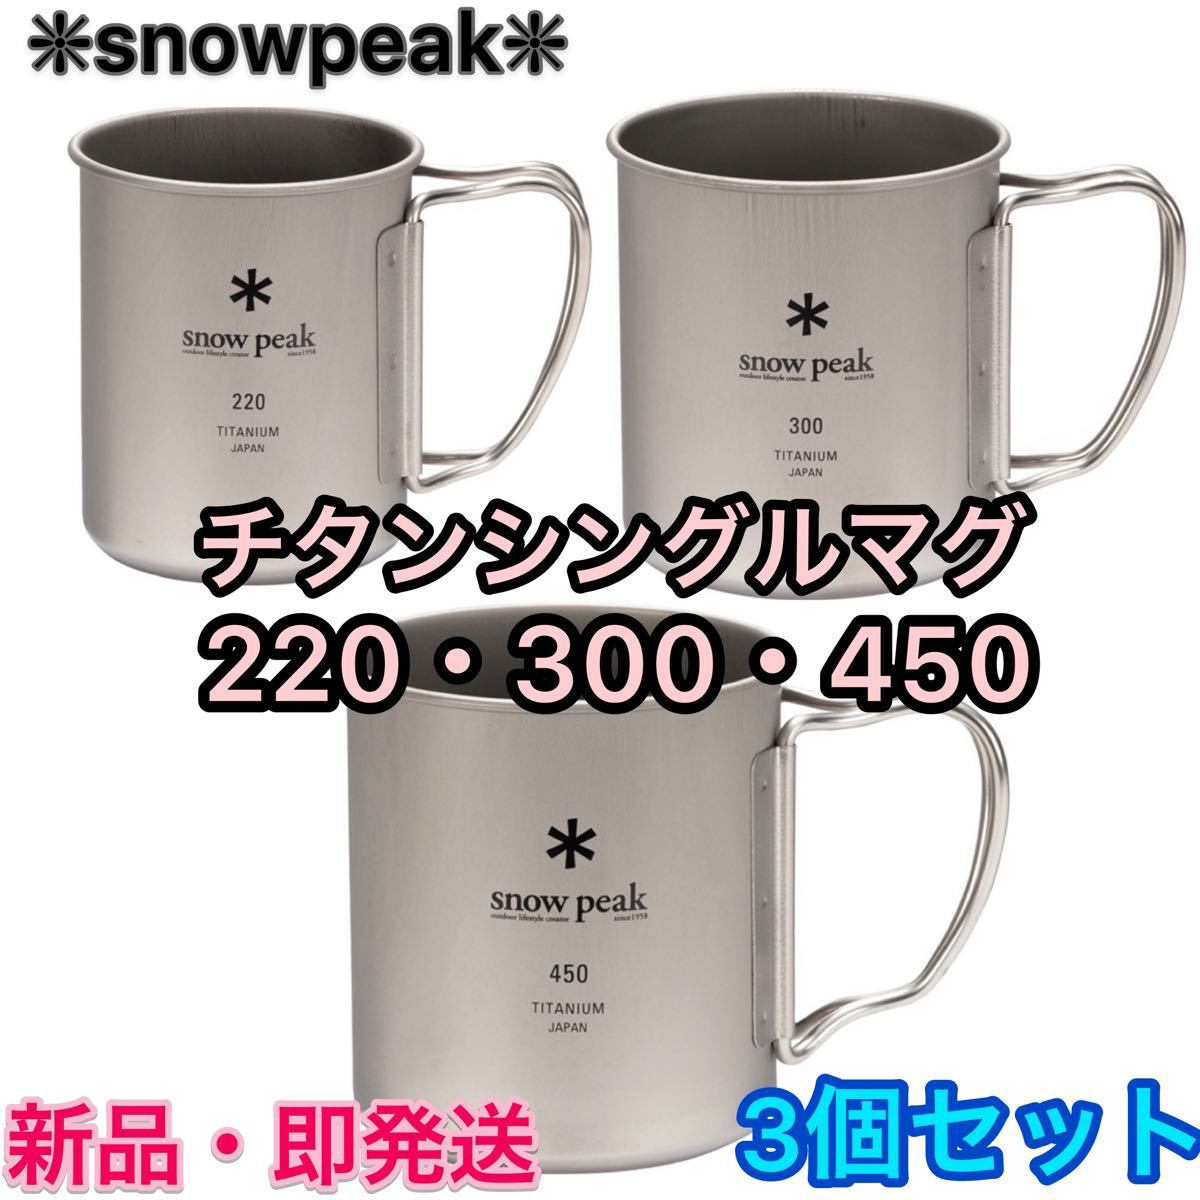 スノーピーク  チタンシングルマグ 220  300  450 ★3個セット★snow peak 【新品未使用】